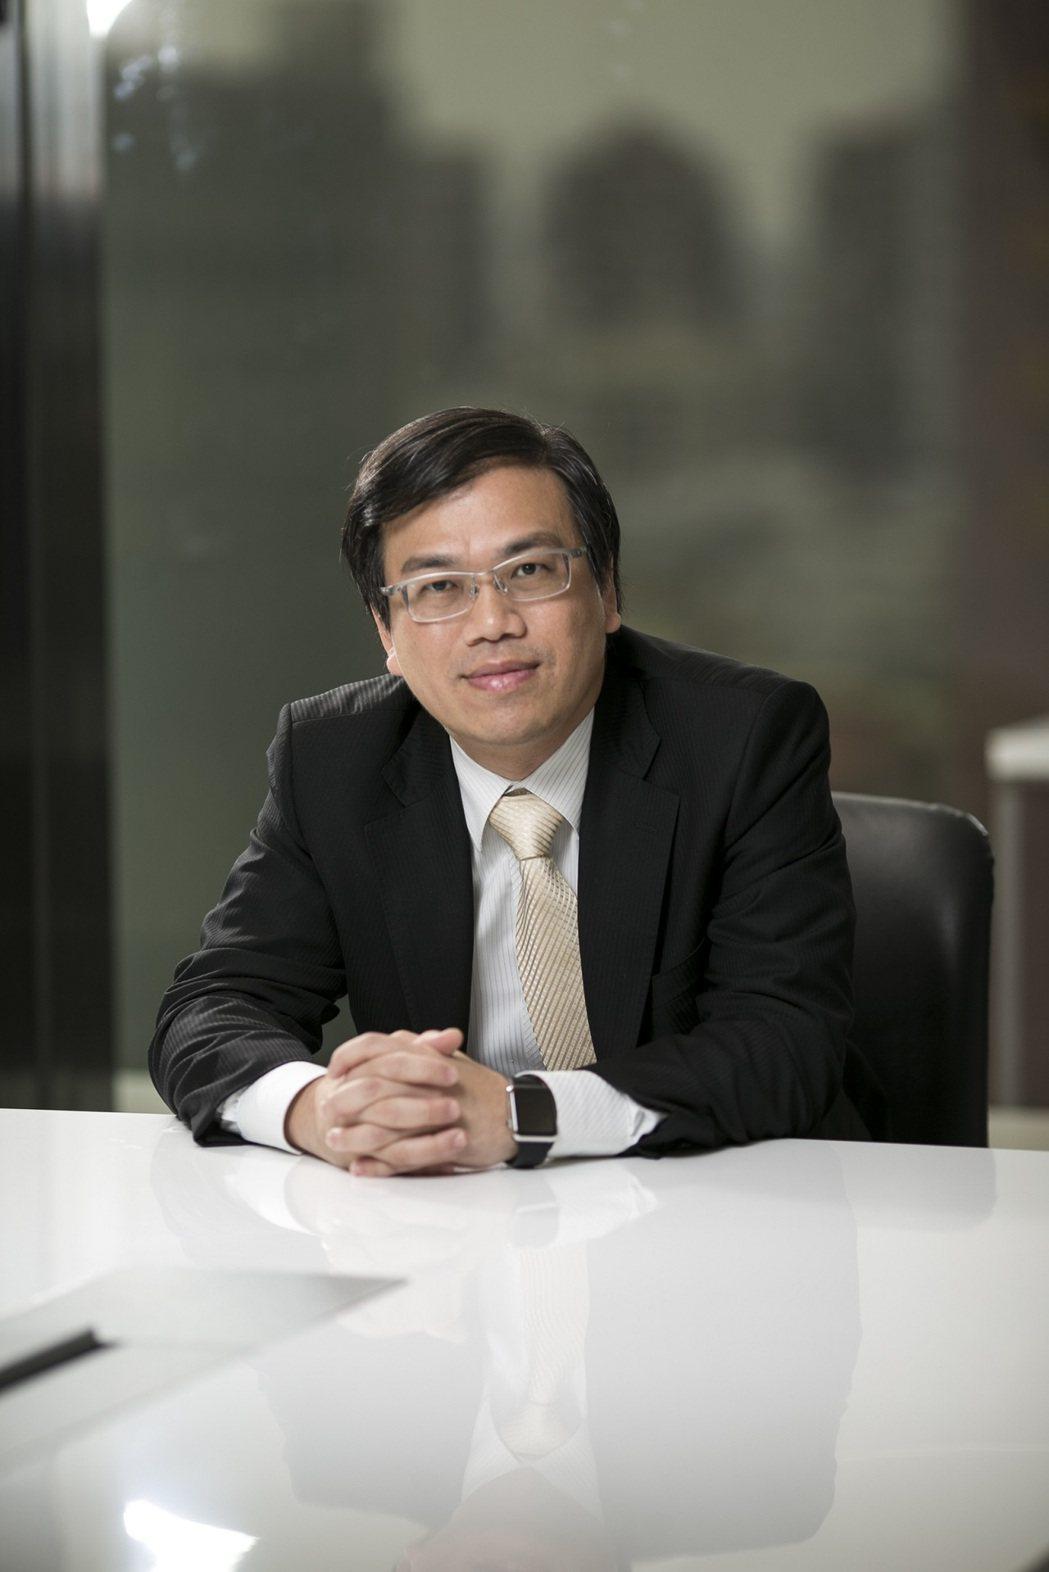 勤業眾信聯合會計師事務所稅務部會計師陳惠明。勤業眾信/提供